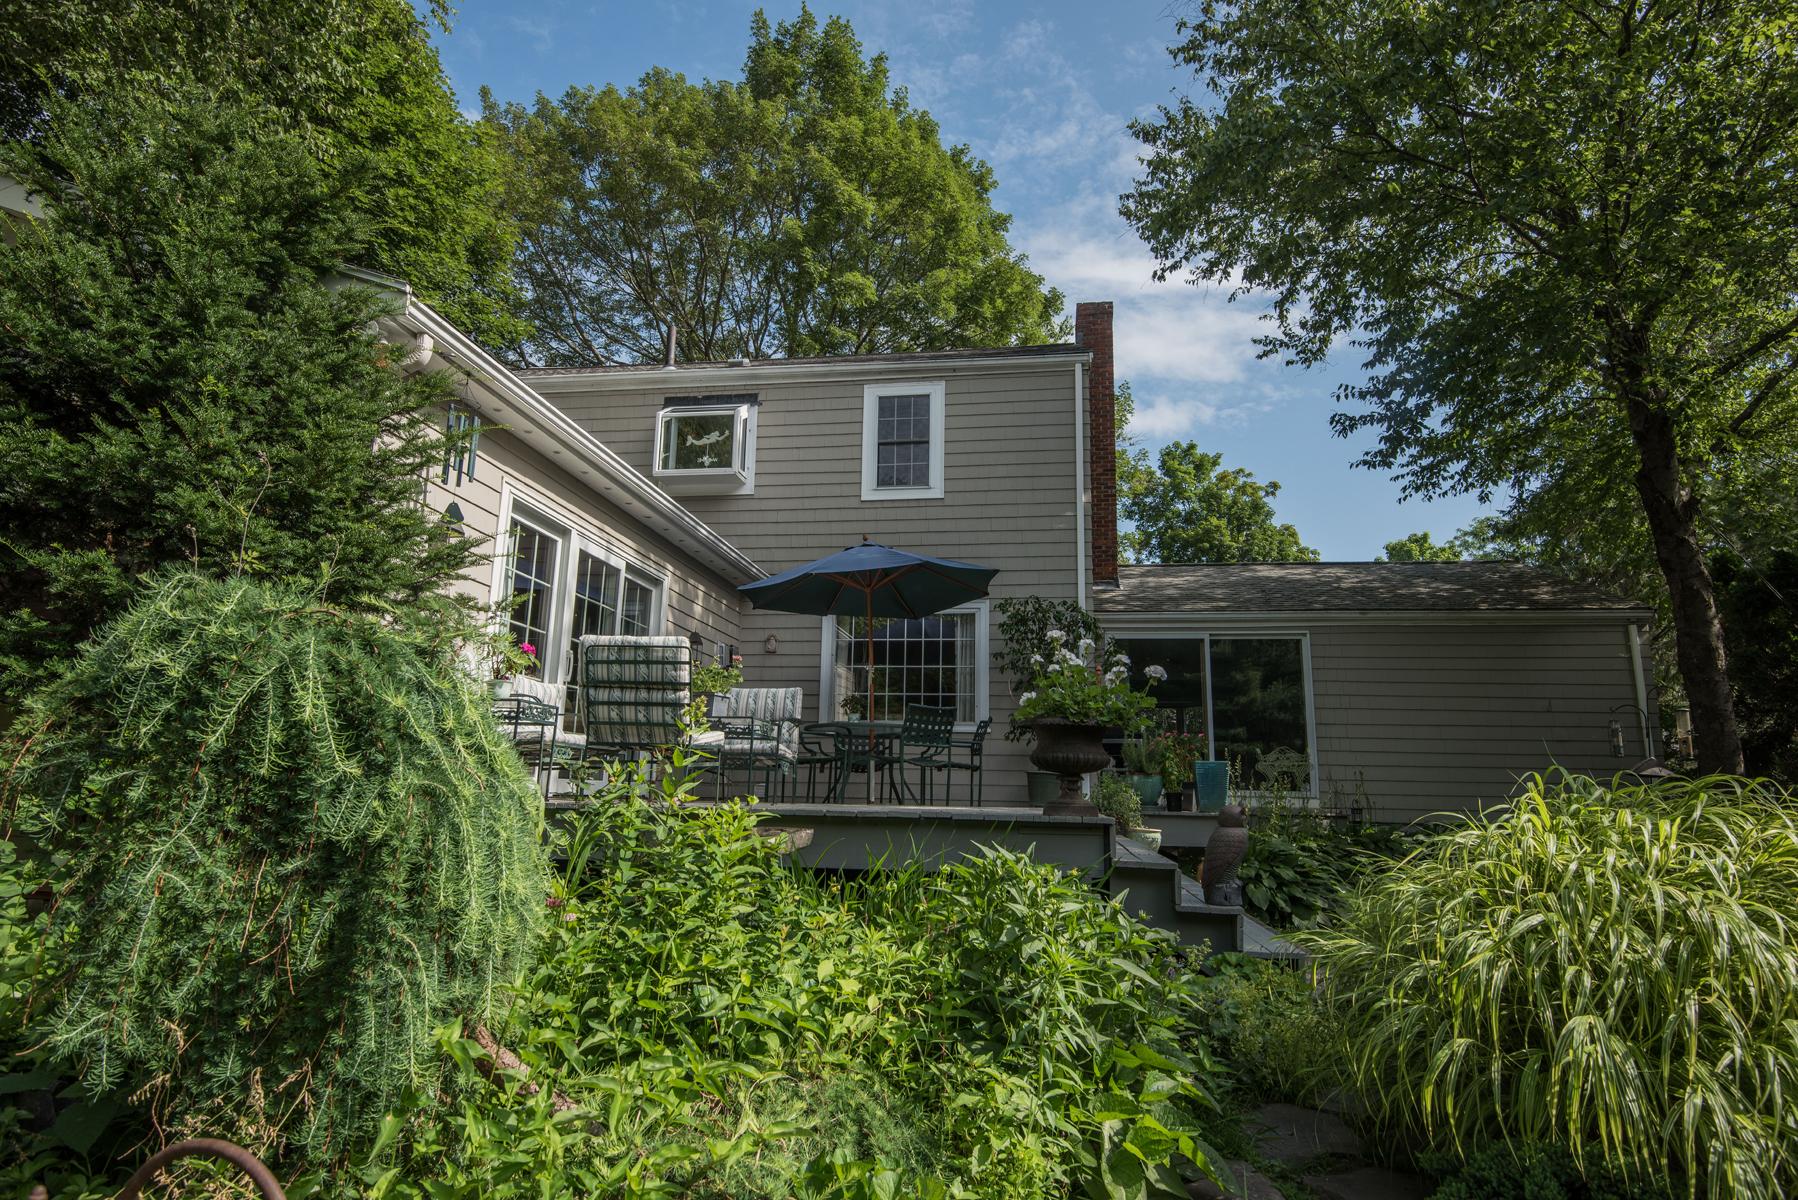 Property For Sale at 3 Snake Brook - Wayland